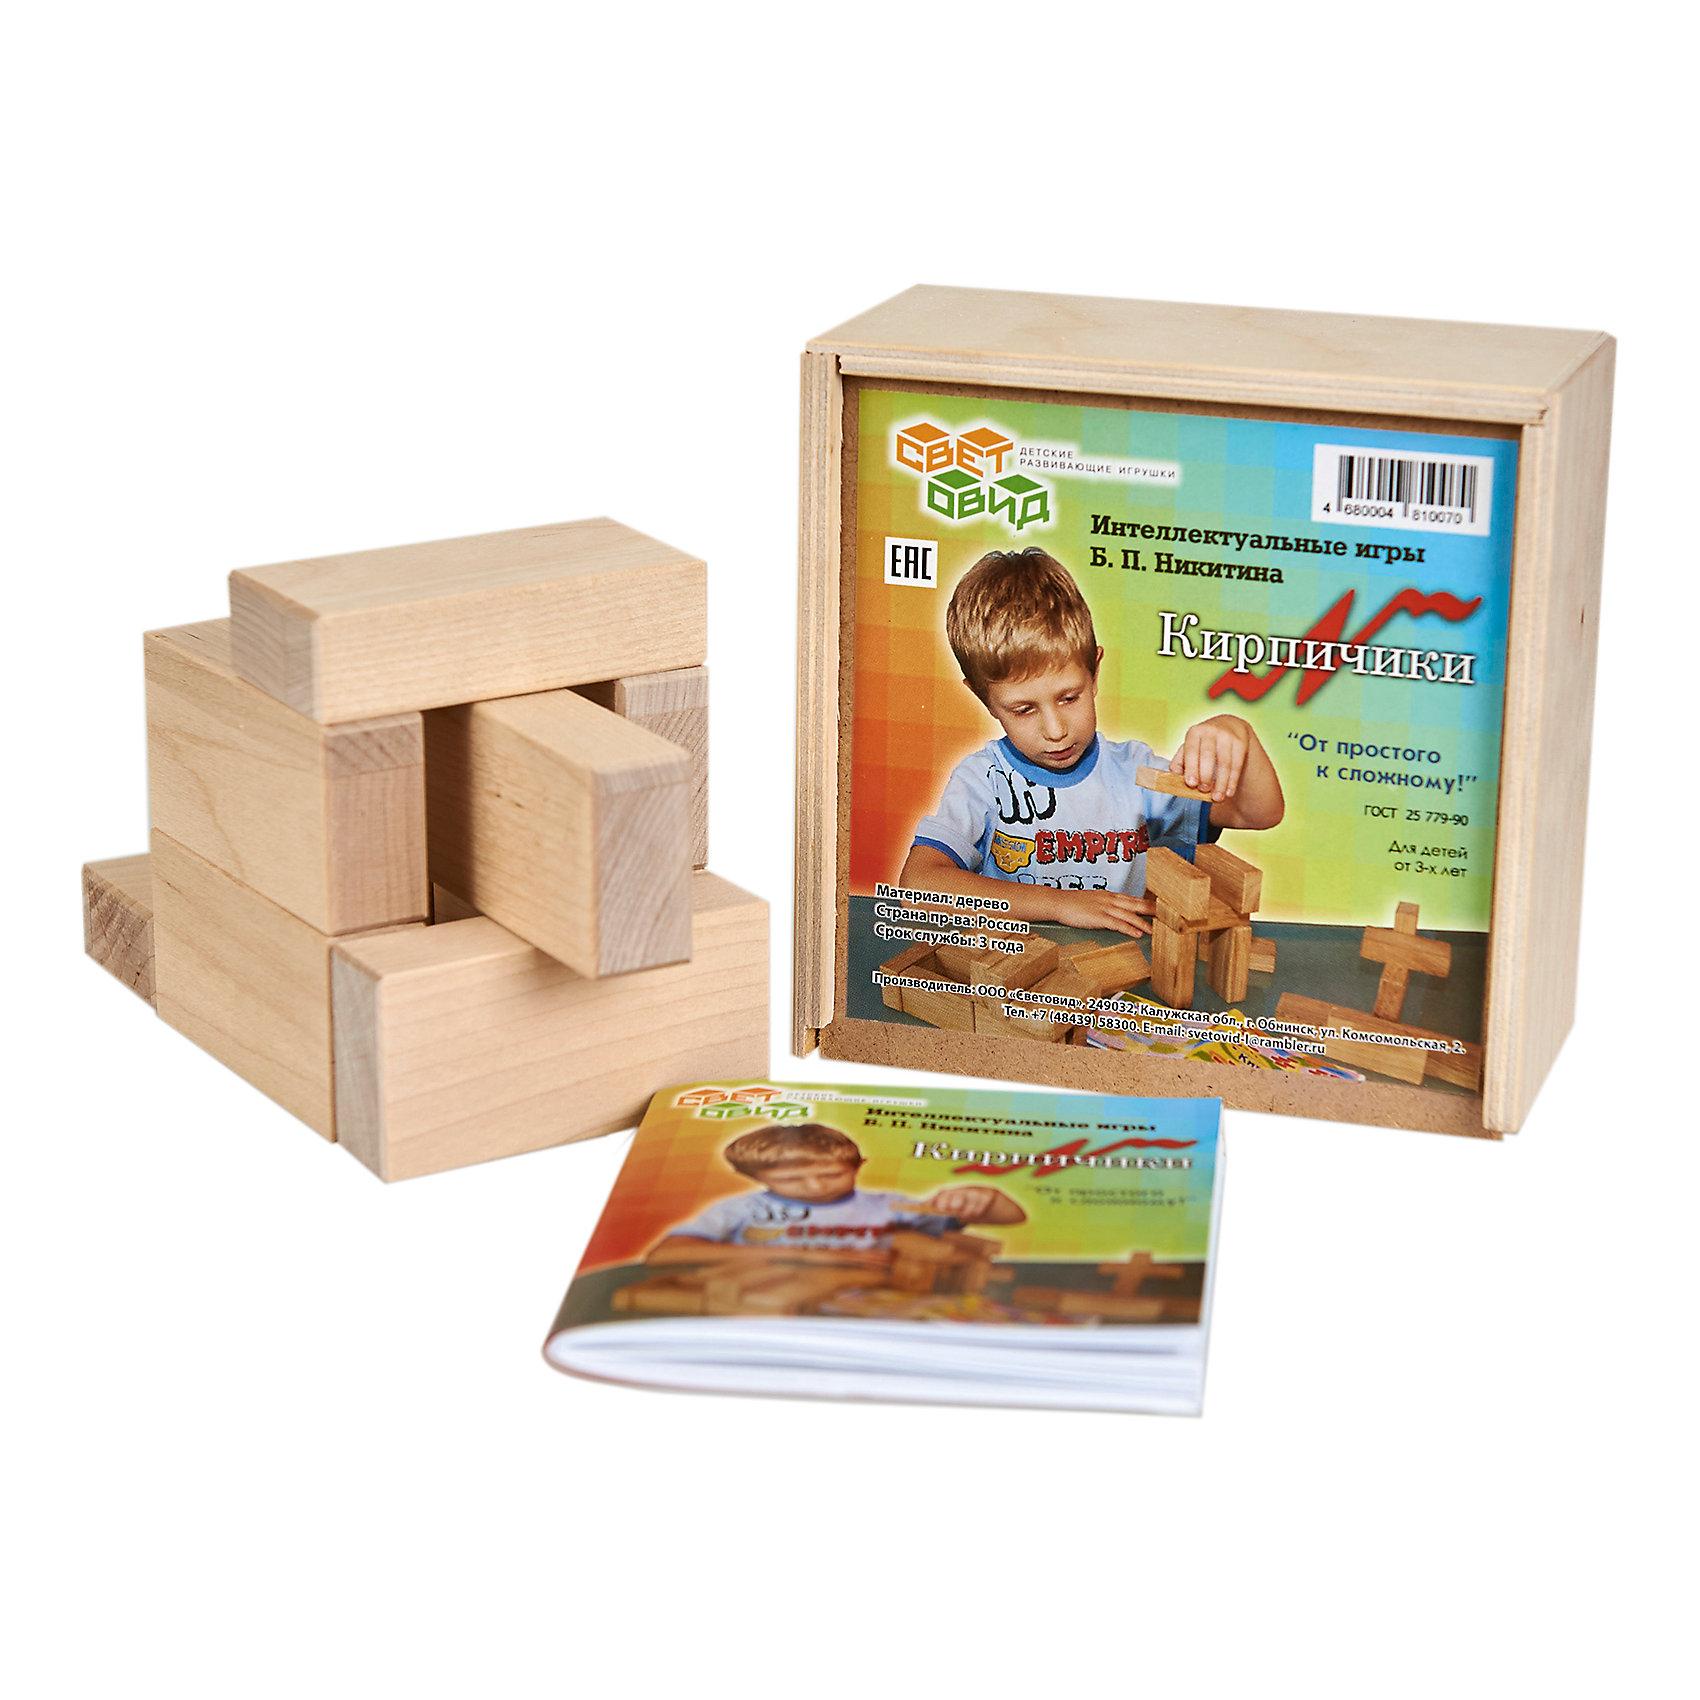 Кирпичики, (коробка фанера), СветовидРазвивающие игры<br>Игра Кирпичики — своеобразная гимнастика для ума. Она не только знакомит детей с основами черчения, но, главное, развивает пространственное мышление ребенка. Материалом для игры служат 8 деревянных кирпичиков и 30 чертежей-заданий, по которым надо строить модели.<br><br>Ширина мм: 138<br>Глубина мм: 138<br>Высота мм: 65<br>Вес г: 450<br>Возраст от месяцев: 36<br>Возраст до месяцев: 2147483647<br>Пол: Унисекс<br>Возраст: Детский<br>SKU: 6894278